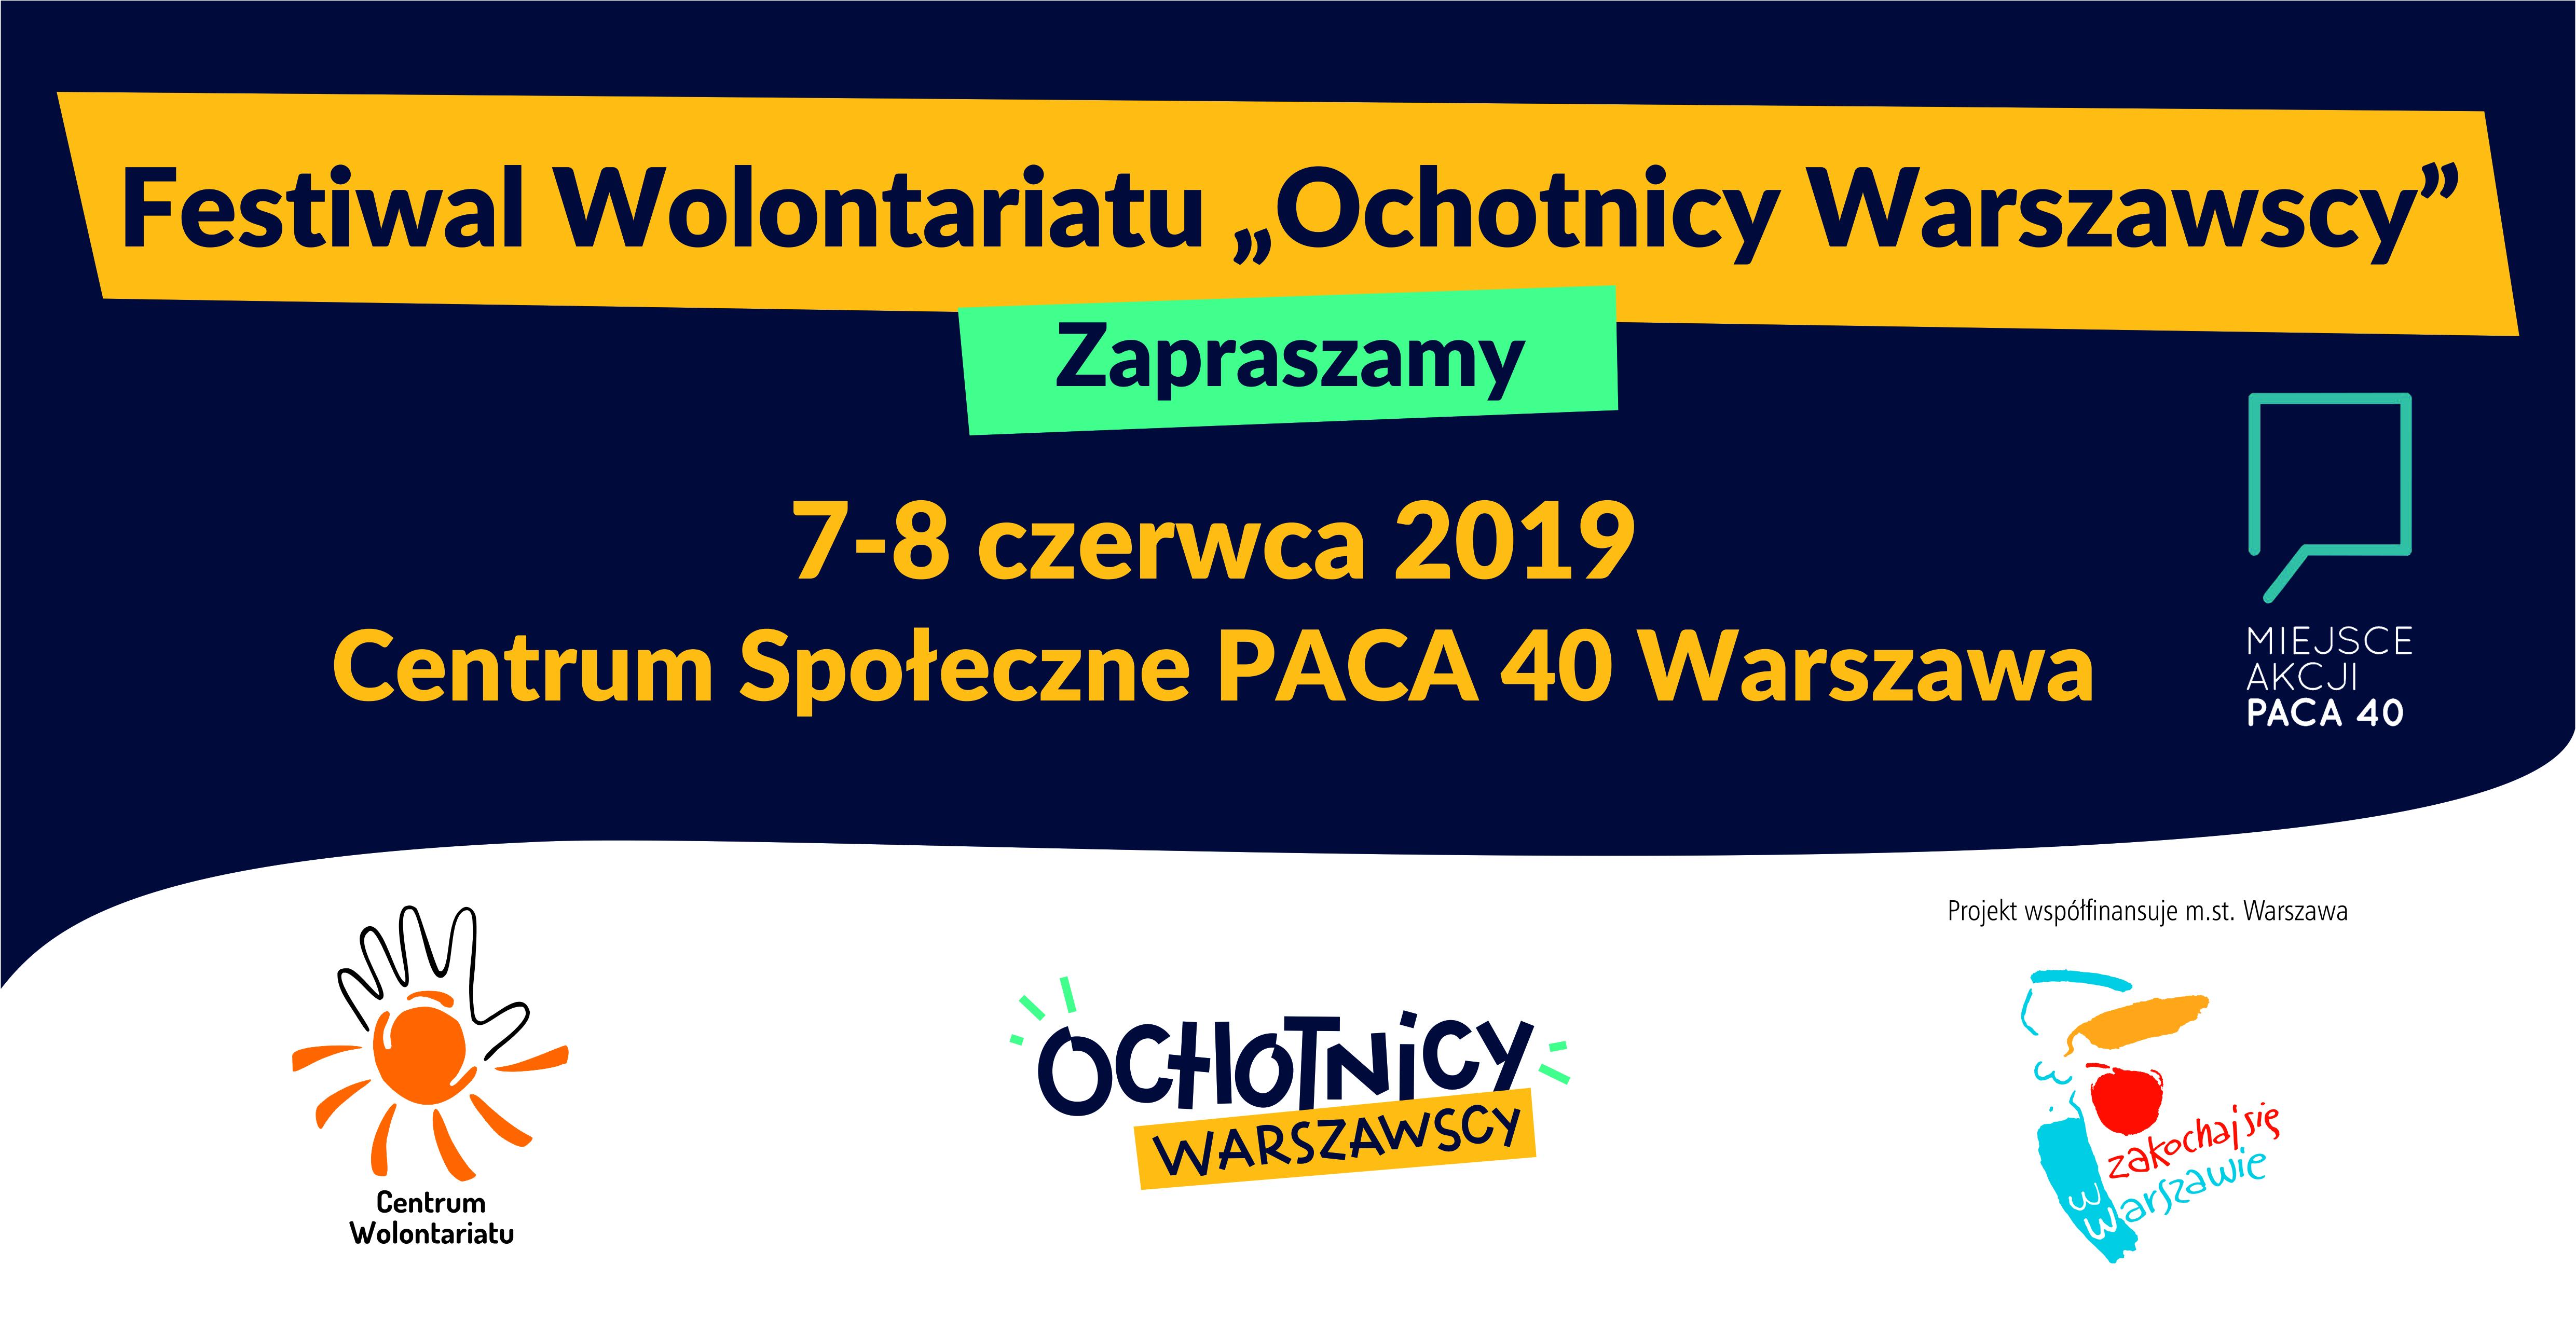 """Festiwal Wolontariatu """"Ochotnicy Warszawscy"""" – zaproszenie"""